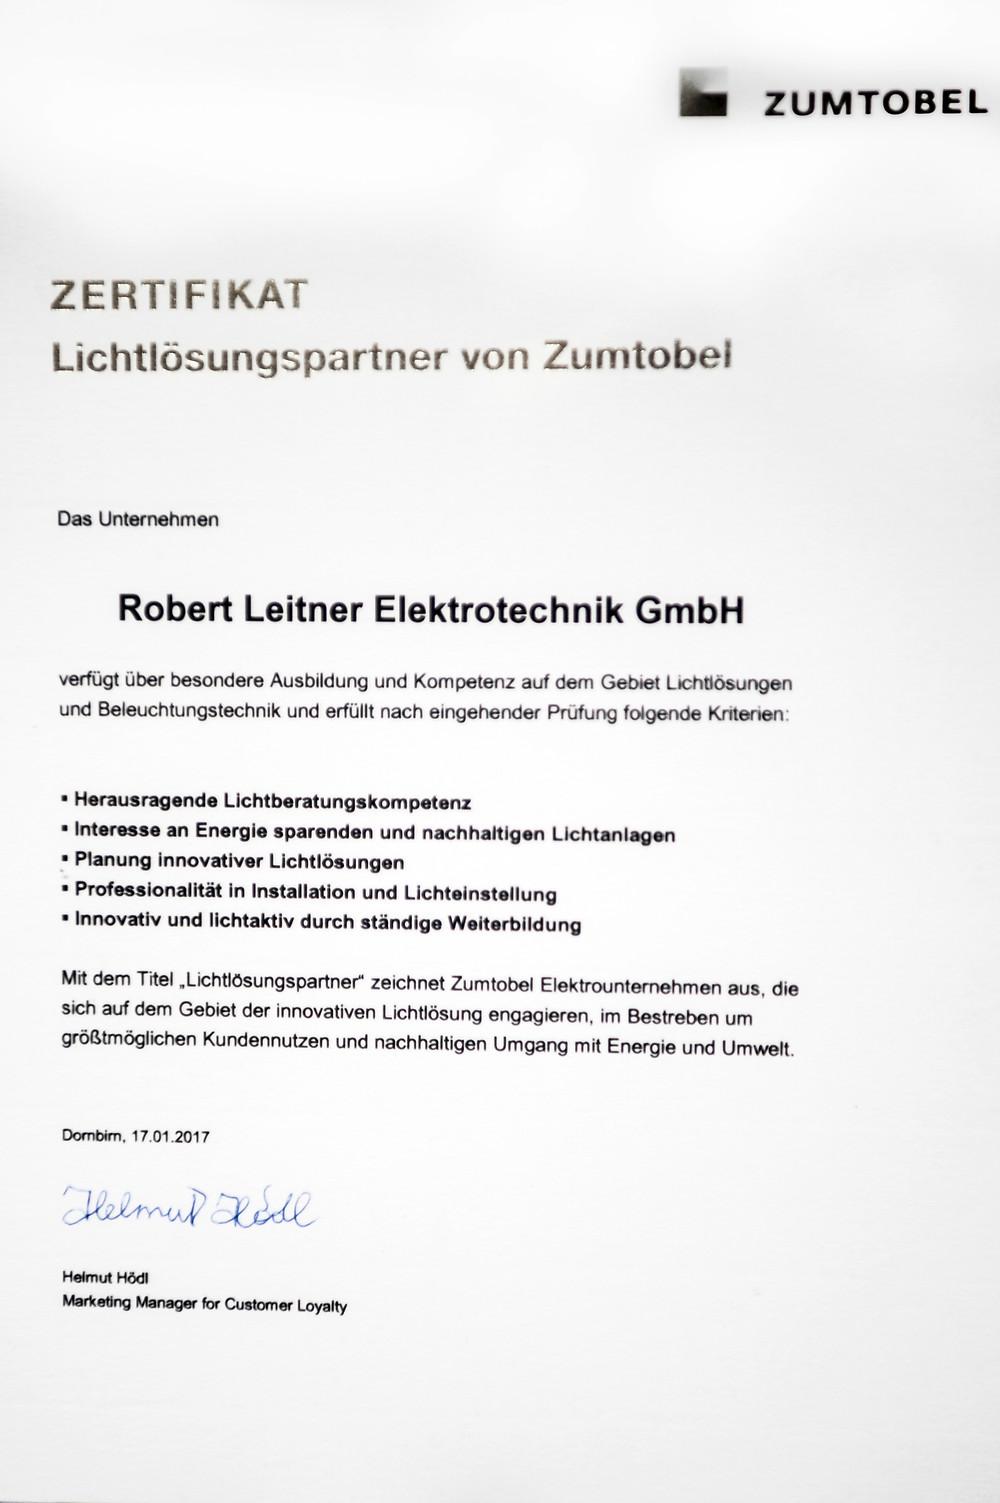 Zertifikat Lichtlösungspartner von Zumtobel